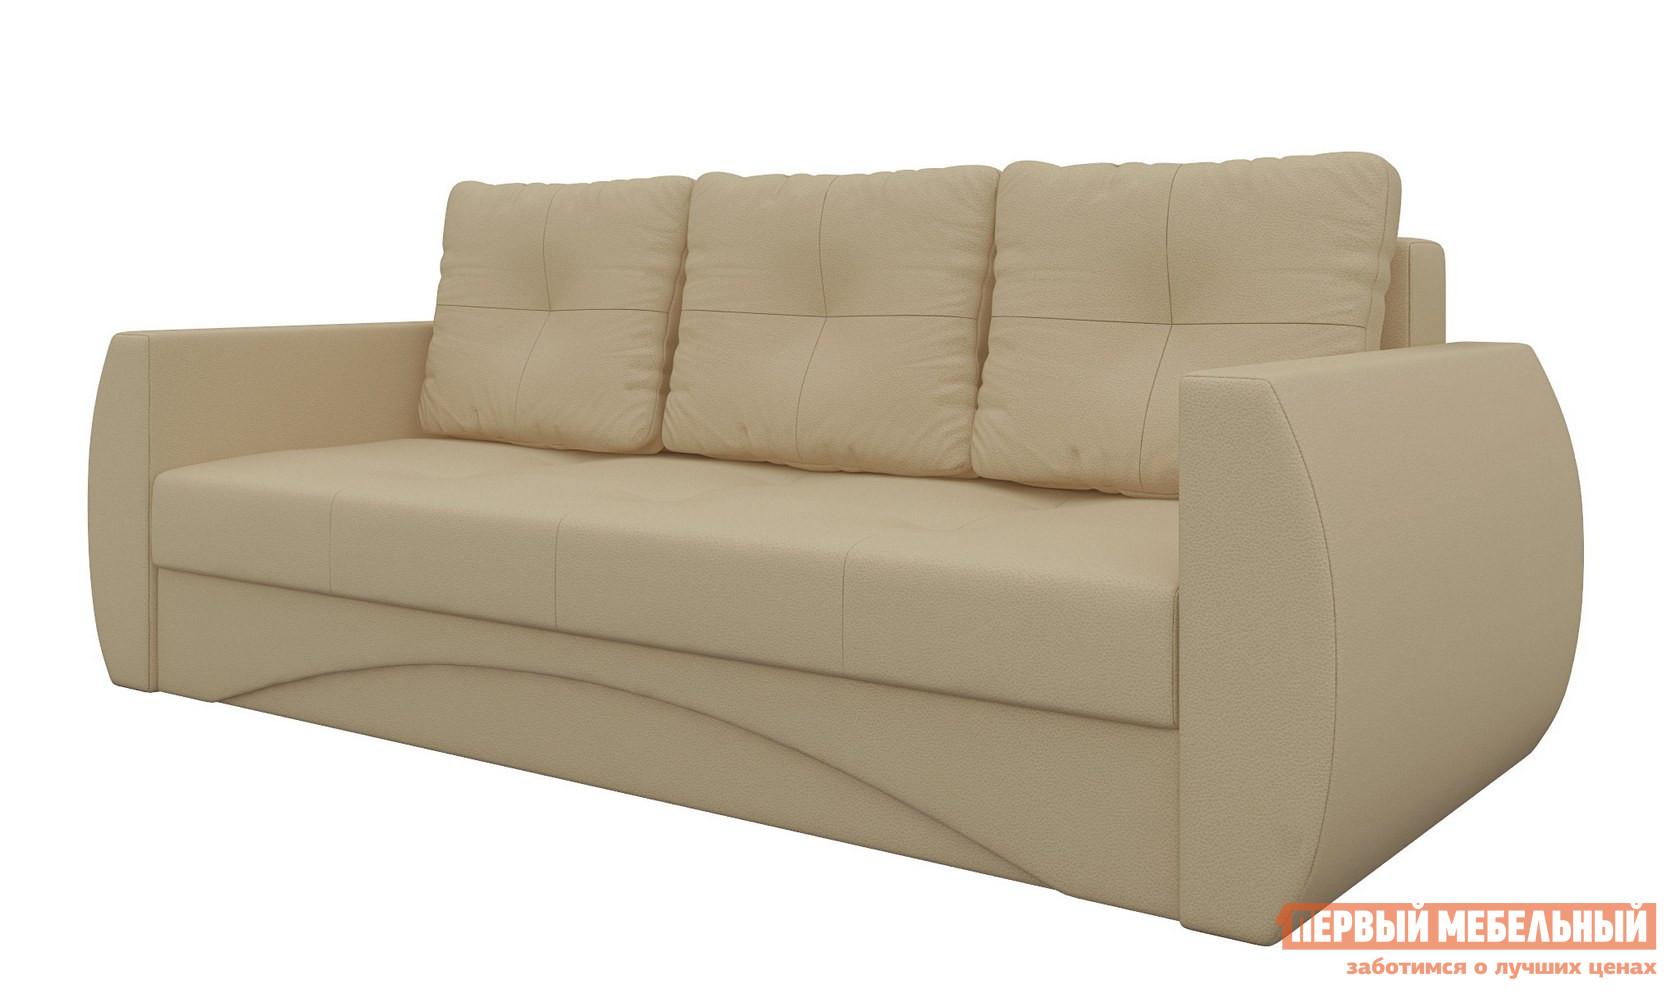 Диван-кровать Мебелико Диван-еврокнижка Сатурн